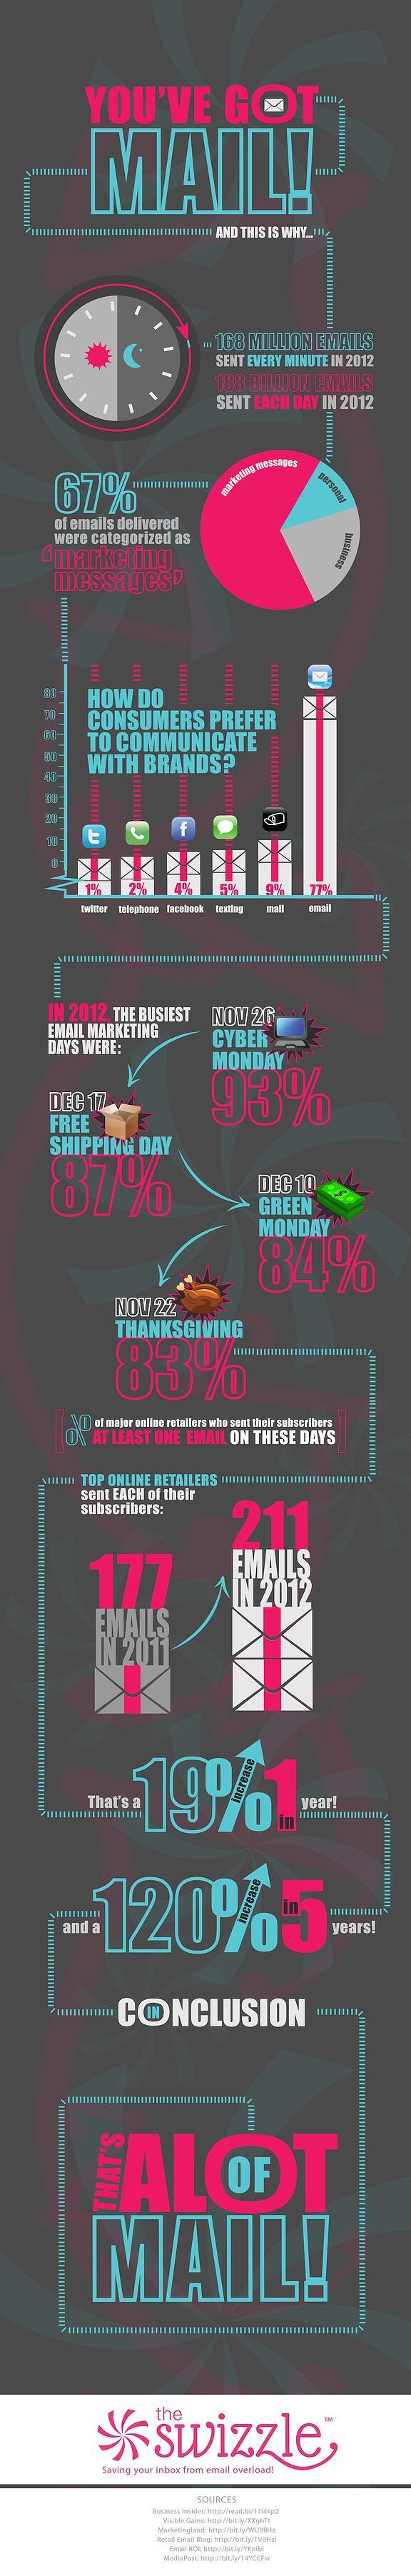 infographic6